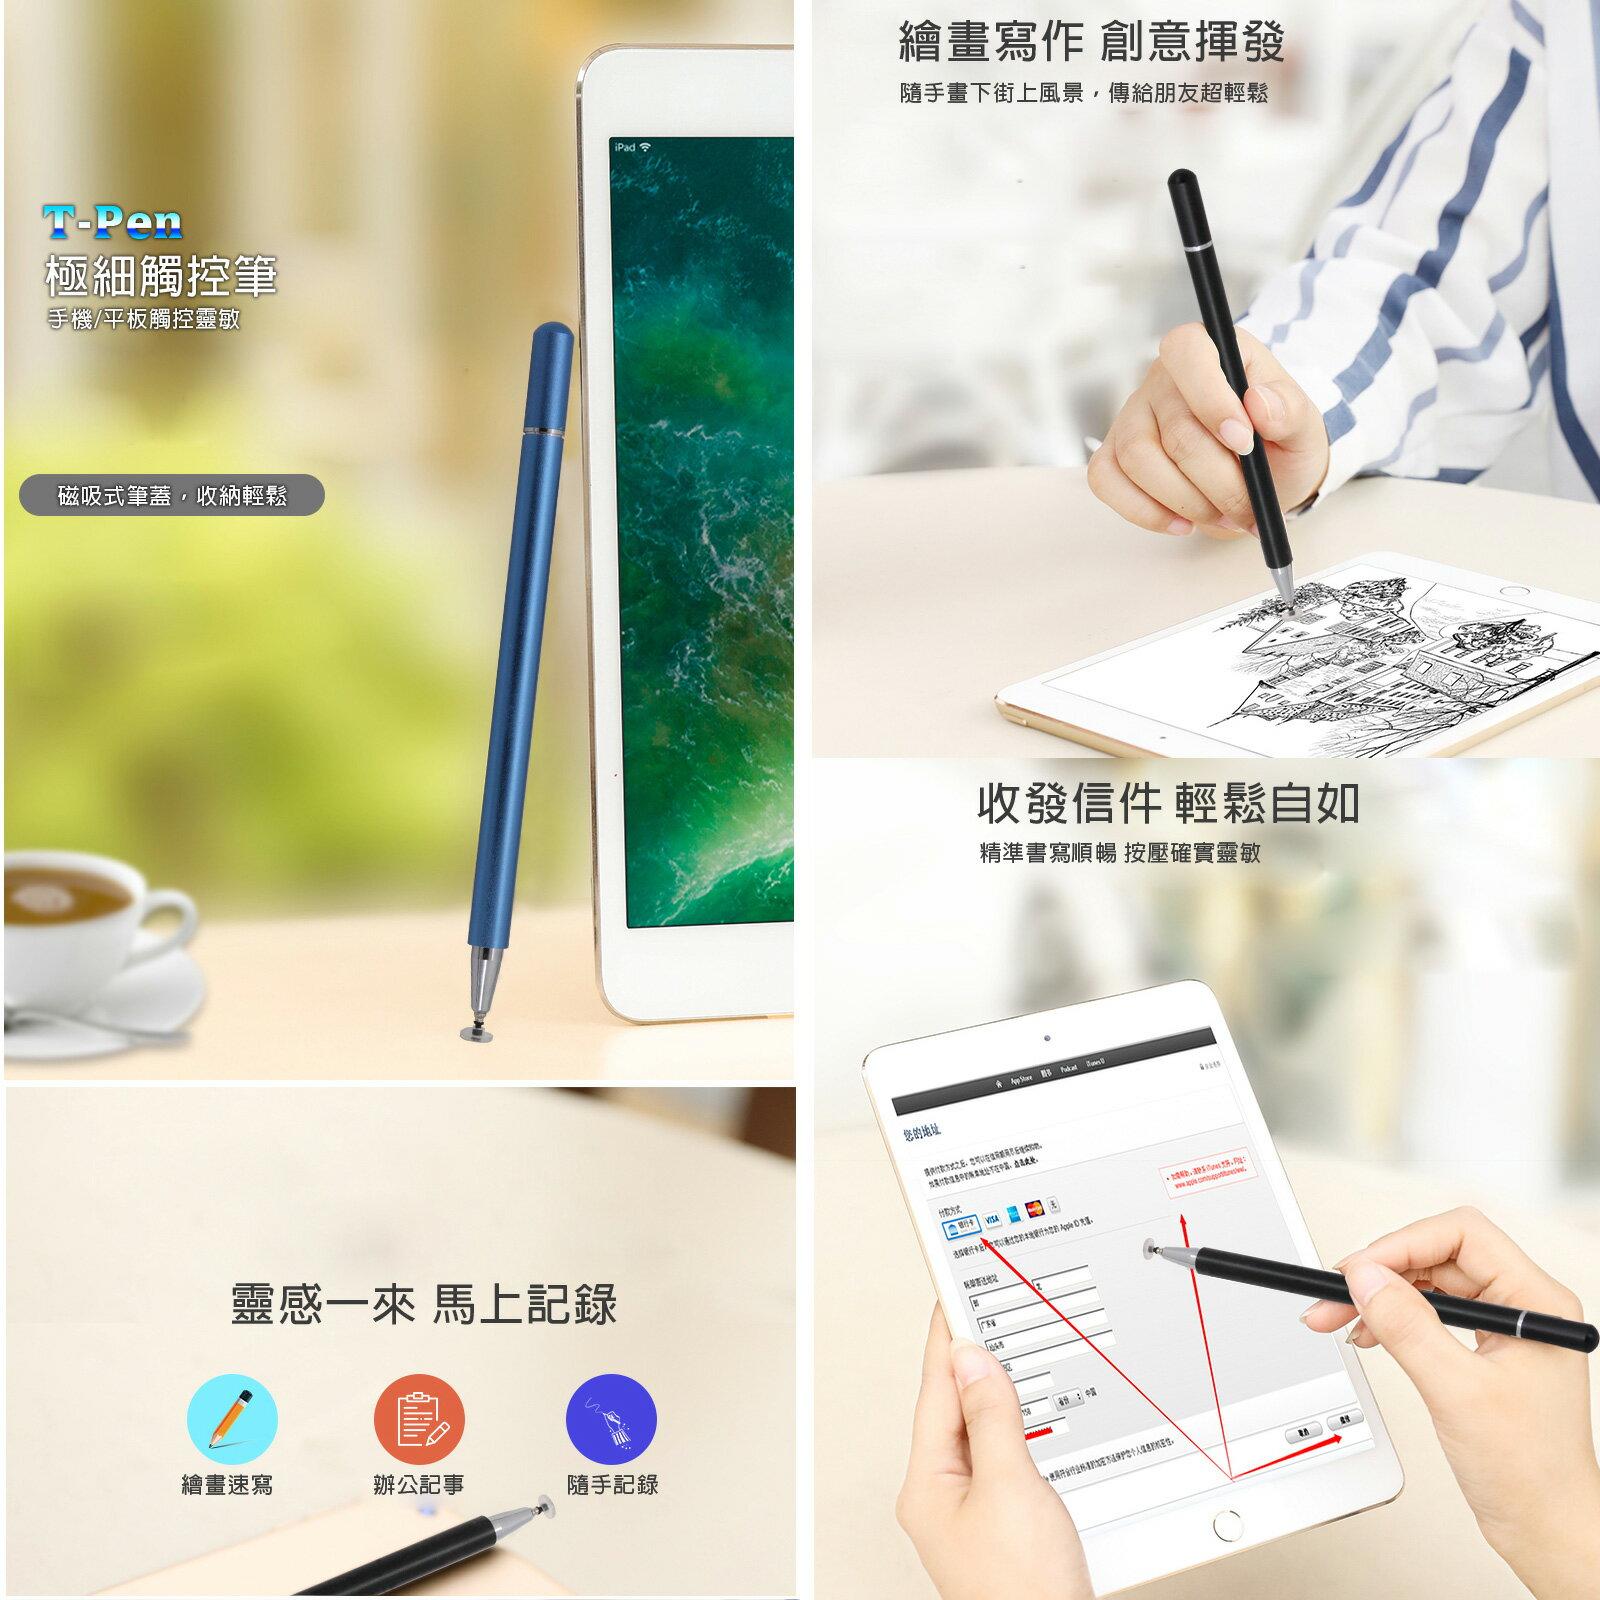 加贈極細筆芯x1 T-Pen 極細金屬觸控筆 平板/手機 磁吸式筆蓋 免藍芽連線